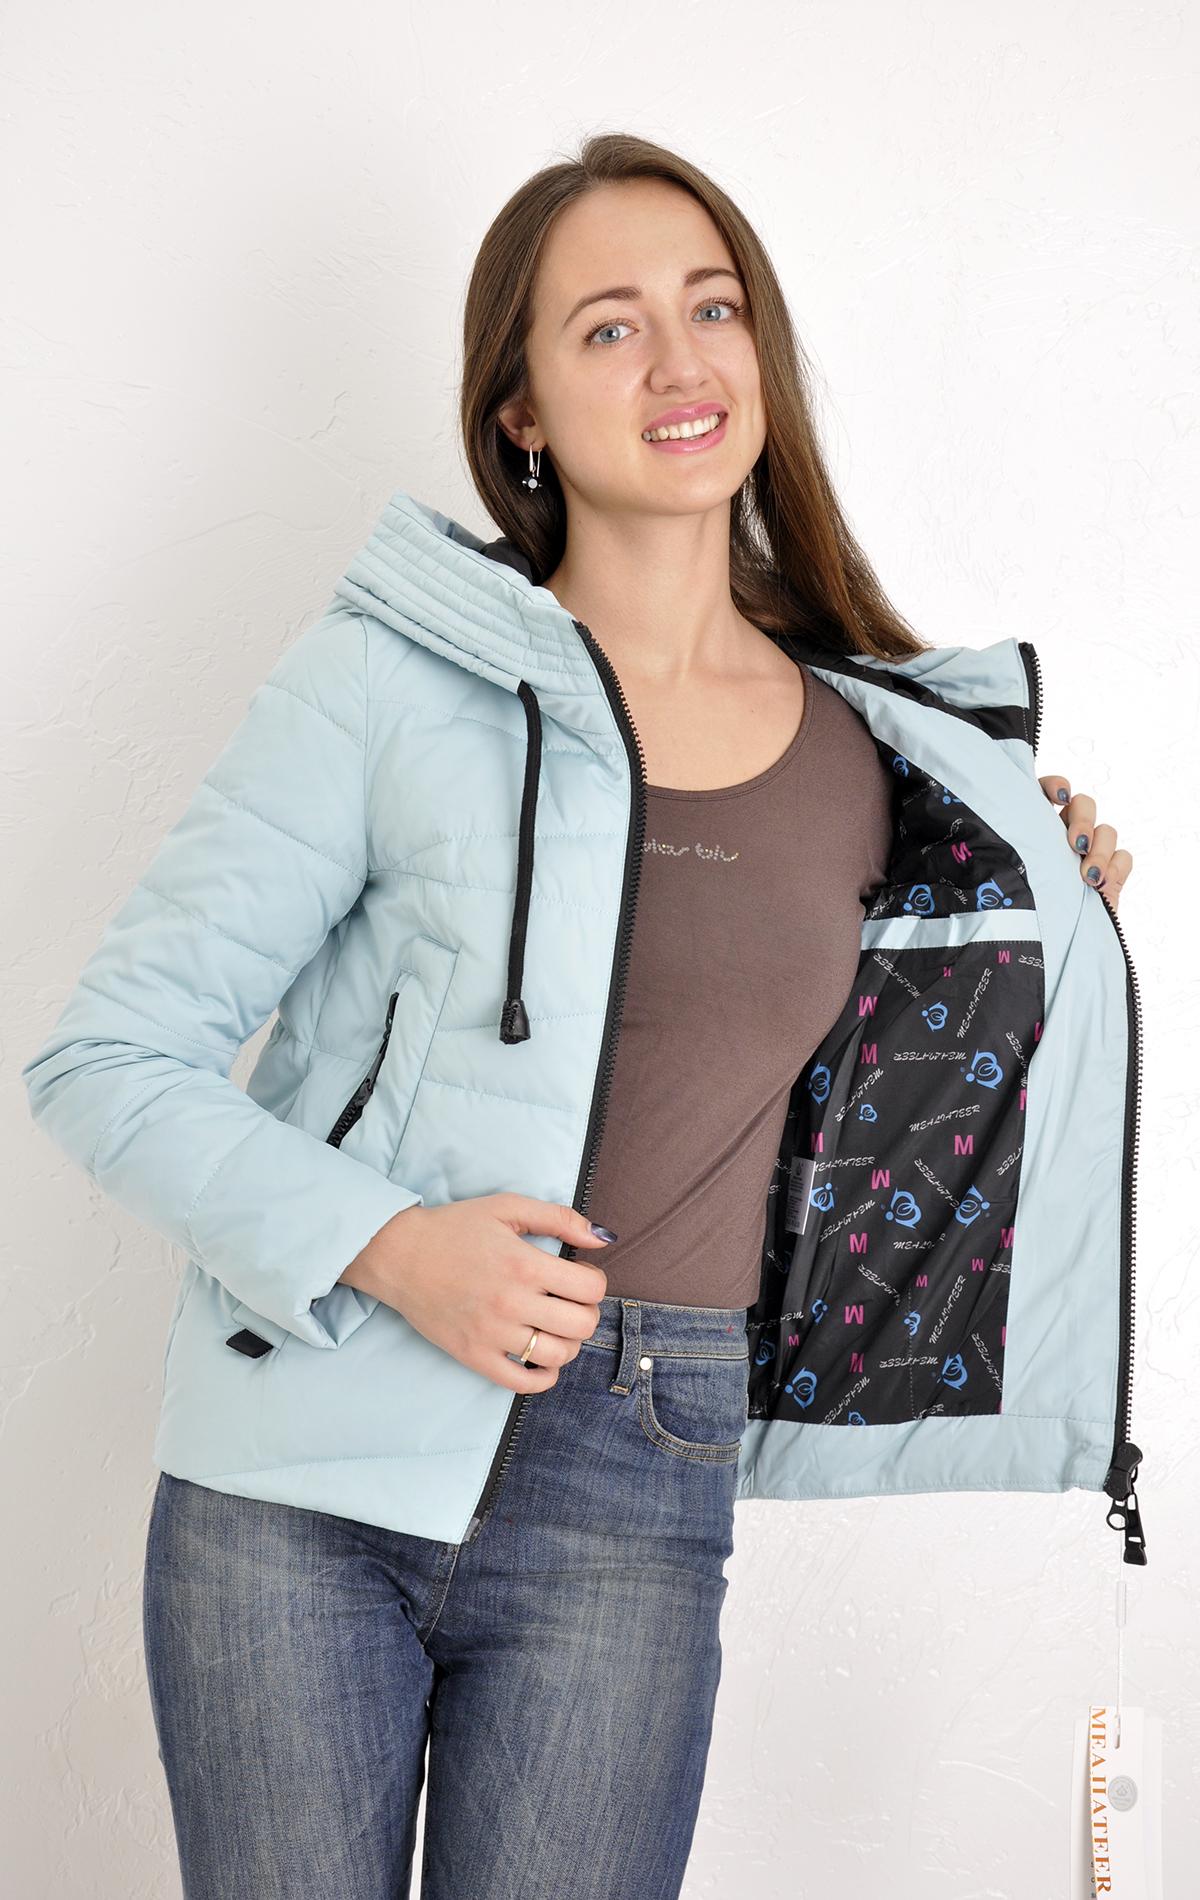 a9580c9b0fa Куртка женская Meajiateer 1707 короткая голубая с капюшоном демисезонная на  молнии